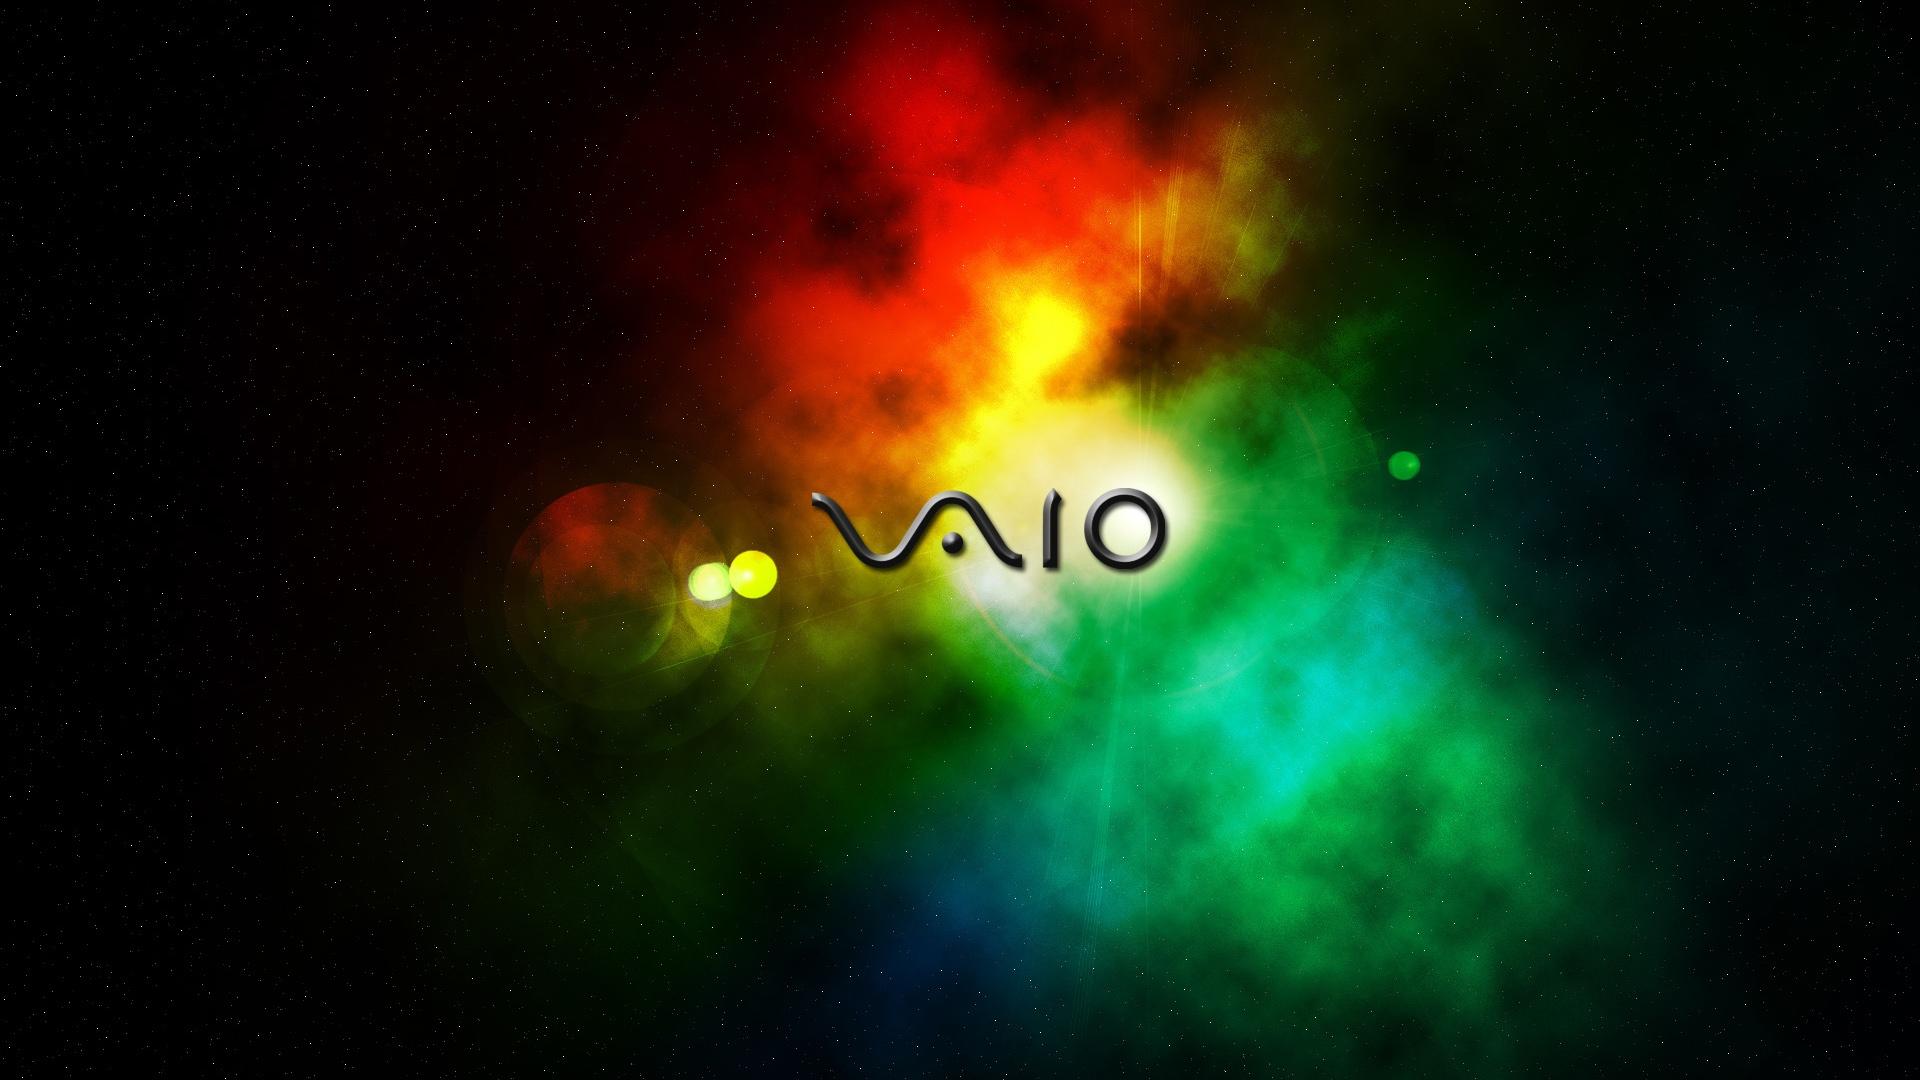 SONY Vaio Wallpaper, rainbow, радуга, Сони Вайо